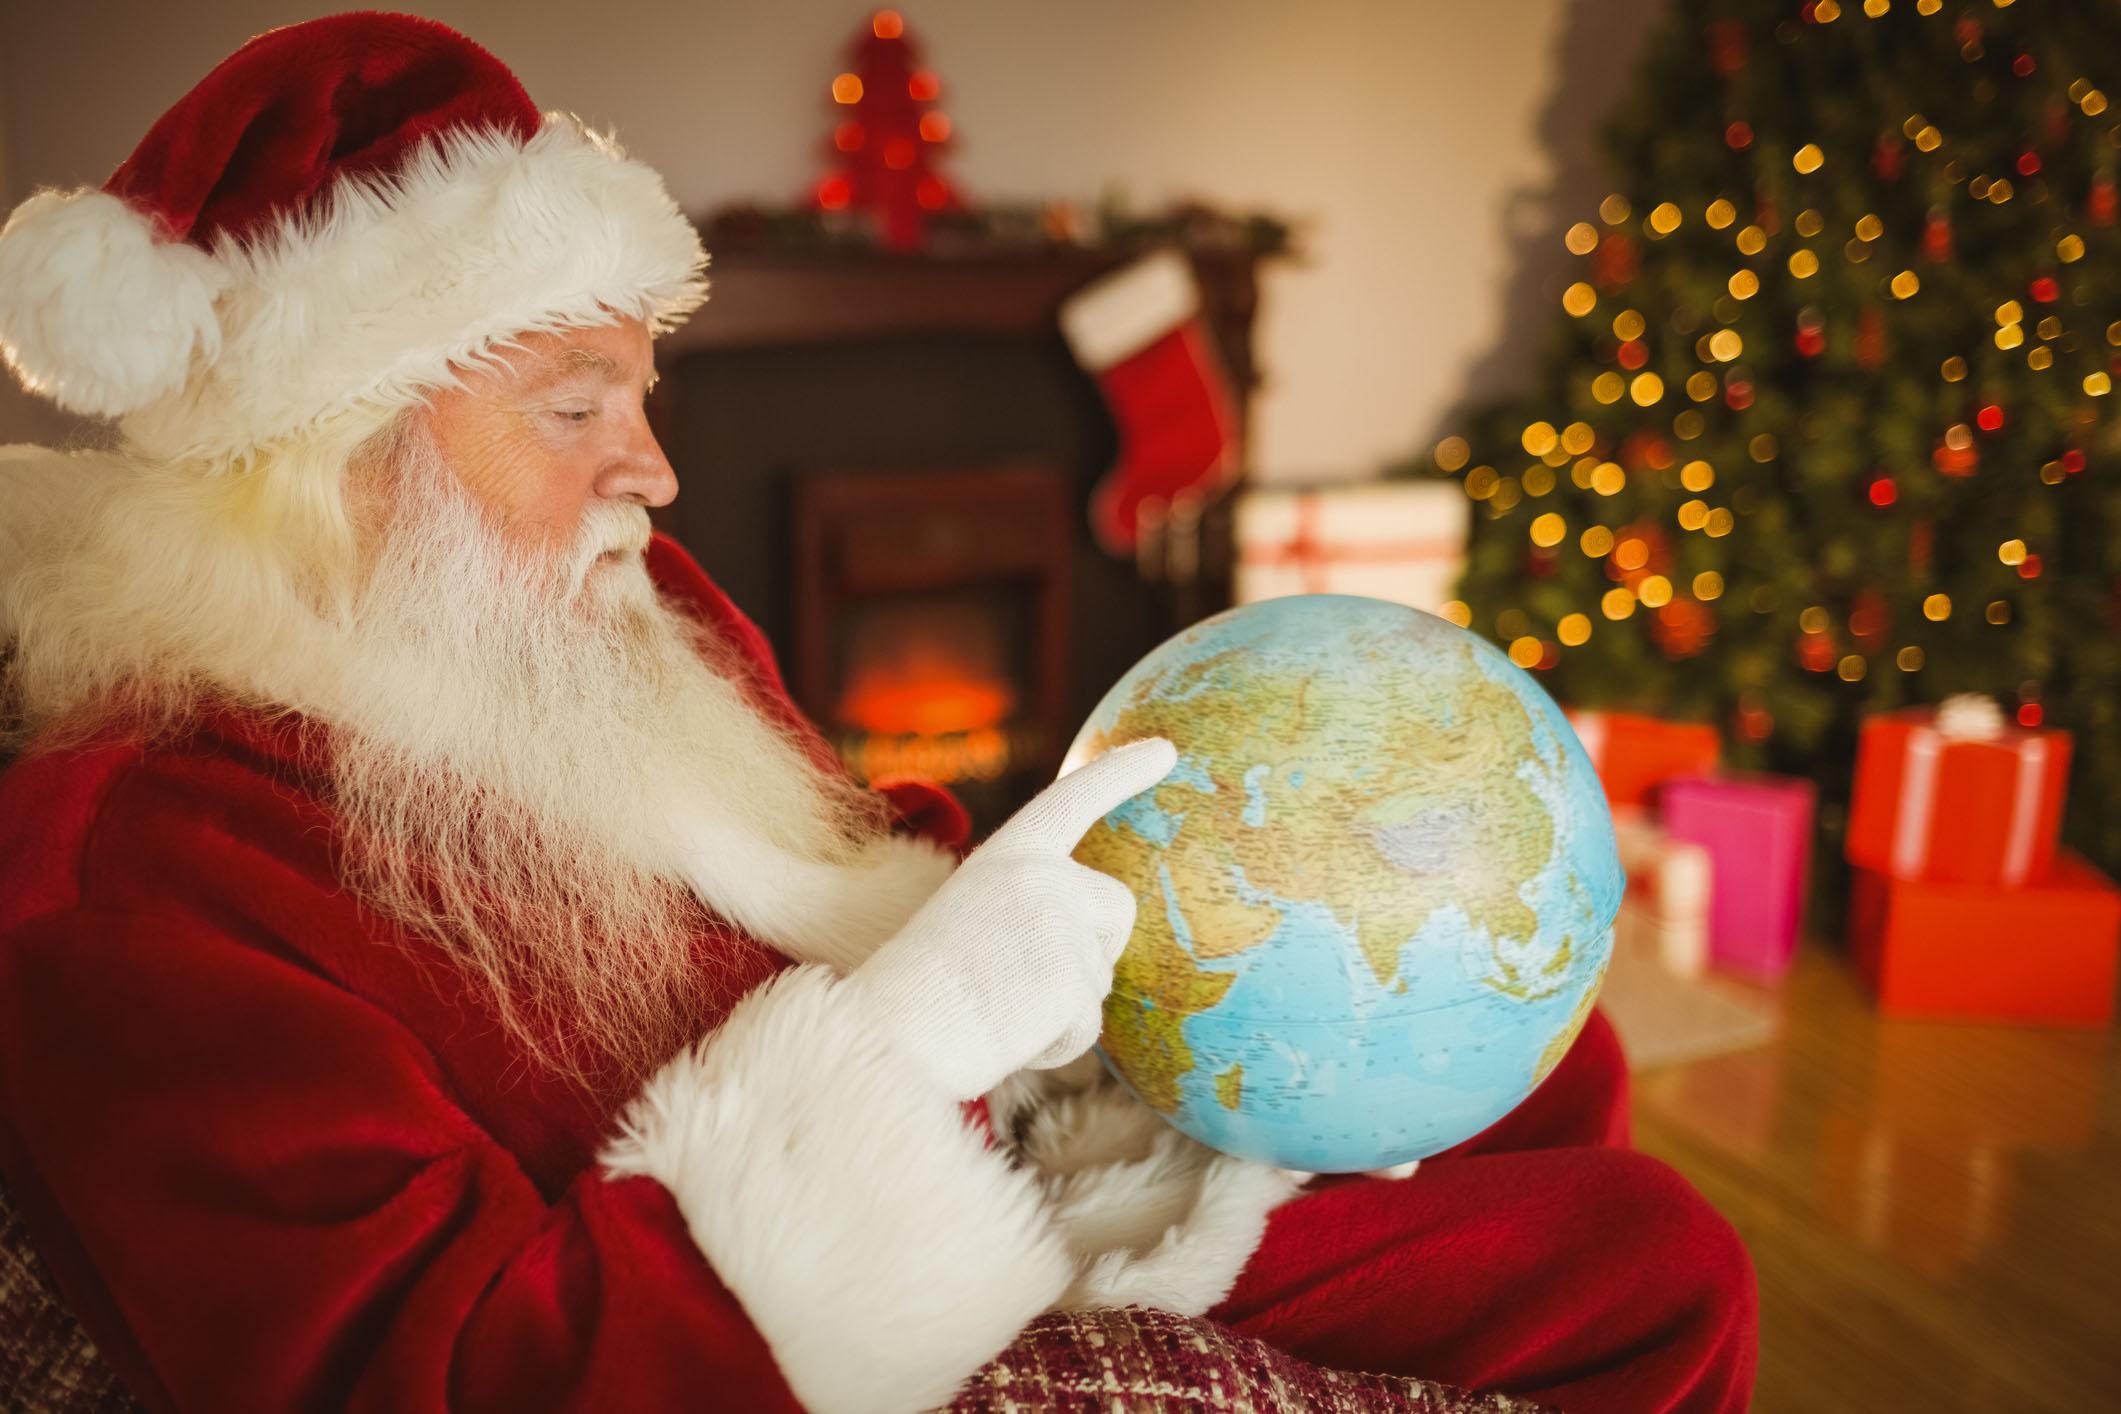 Wir zeigen dir, wie Weihnachten weltweit gefeiert wird